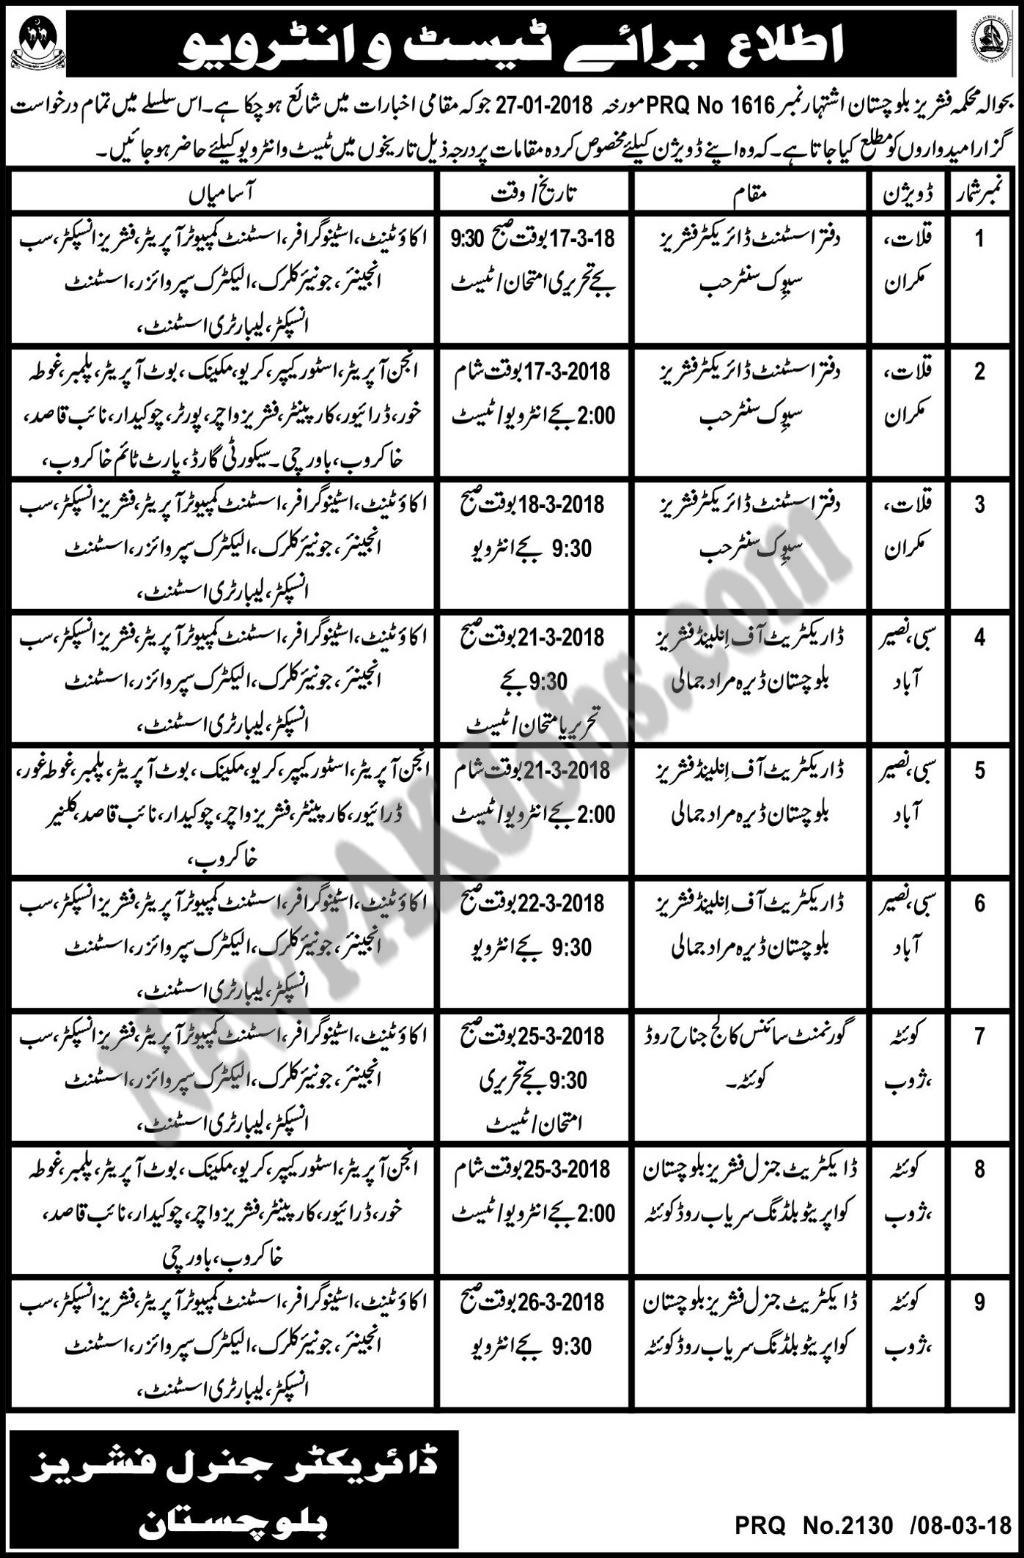 Baluchistan Fisheries Department Interview Schedule PRQ No 1616 March 2018